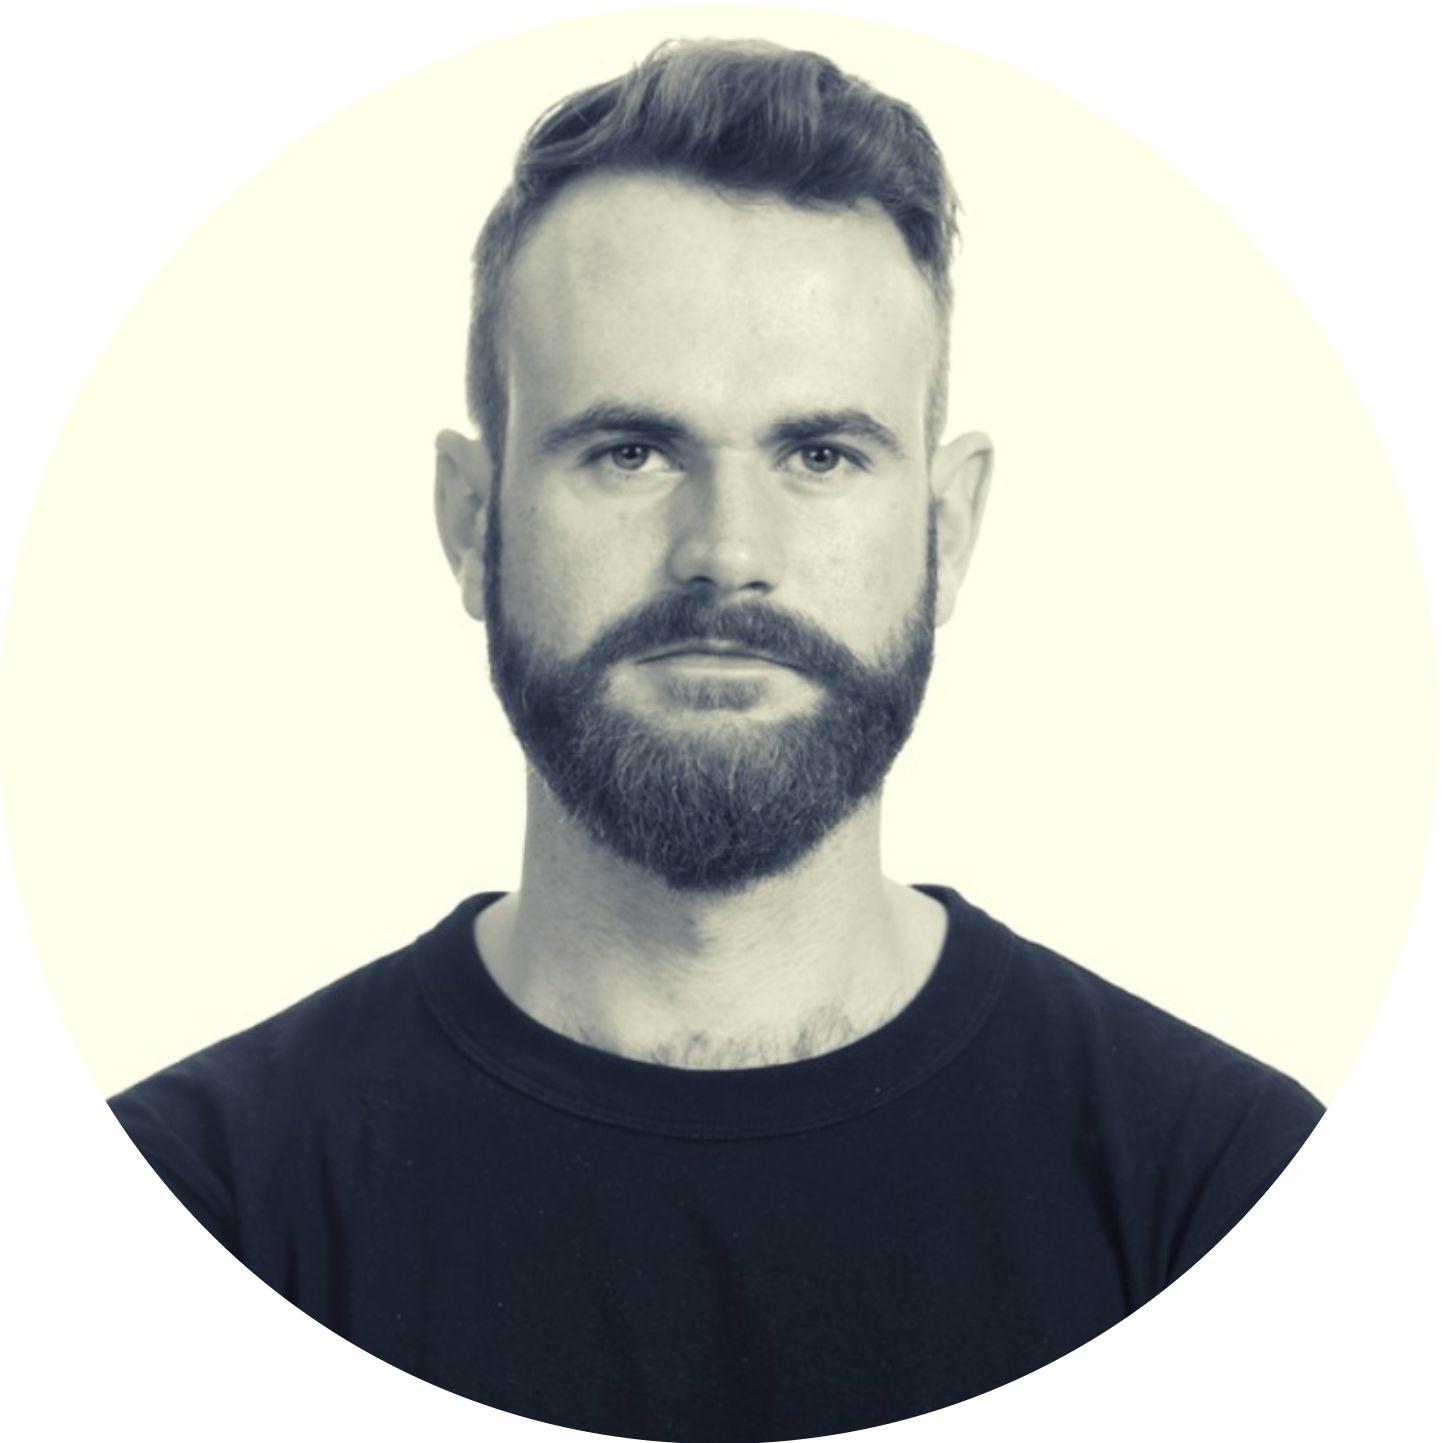 Jake Stott Hacker Noon profile picture